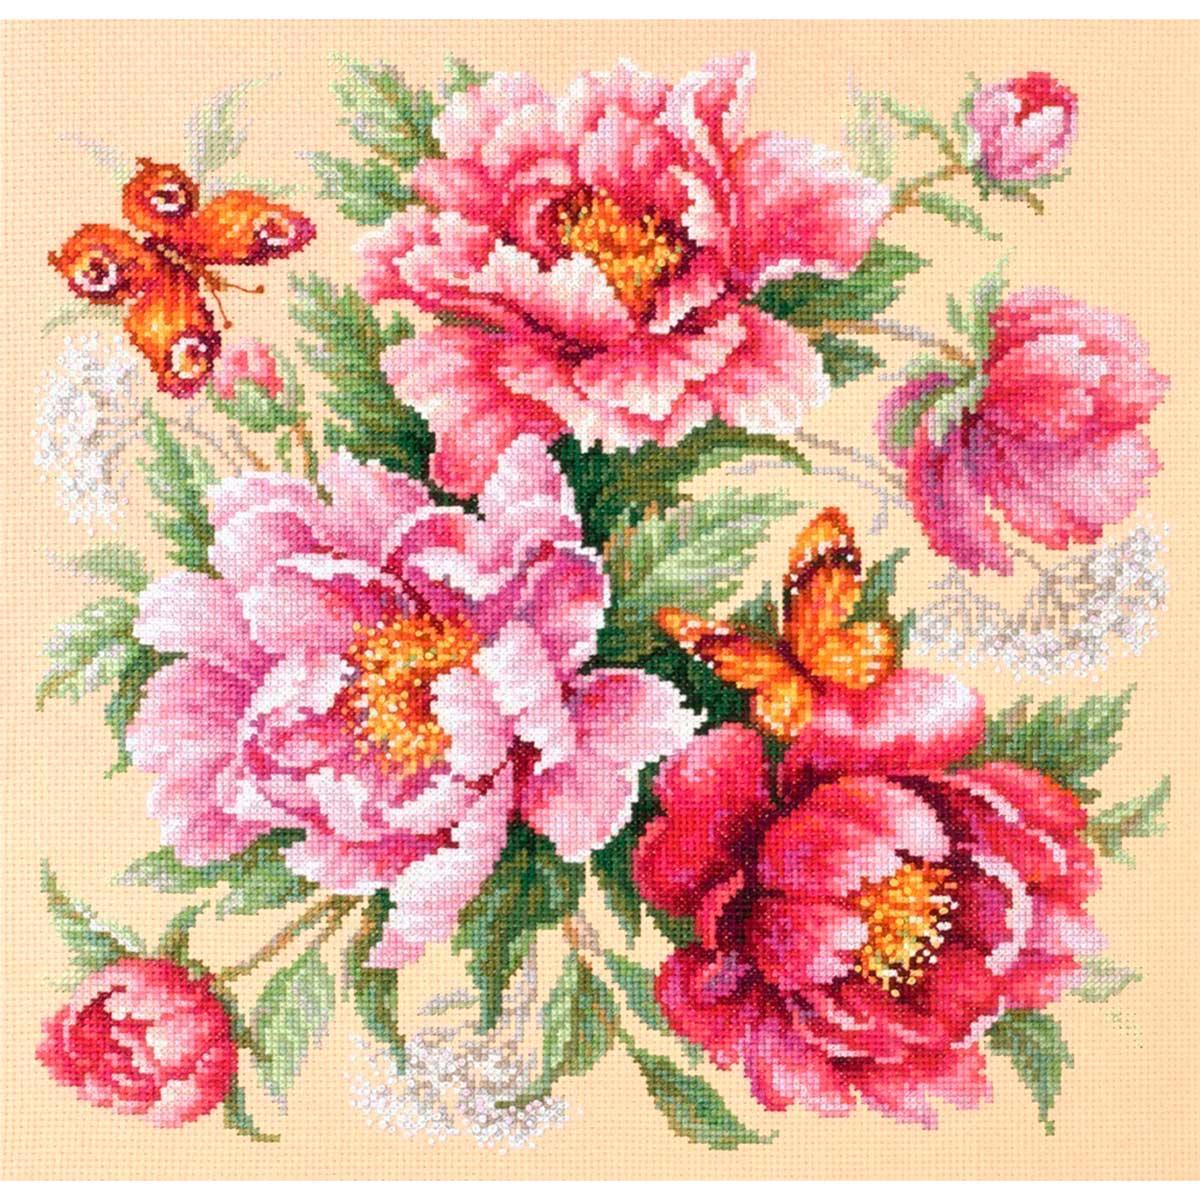 140-001 Набор для вышивания Чудесная игла 'Магия цветов. Пионы '30*30см